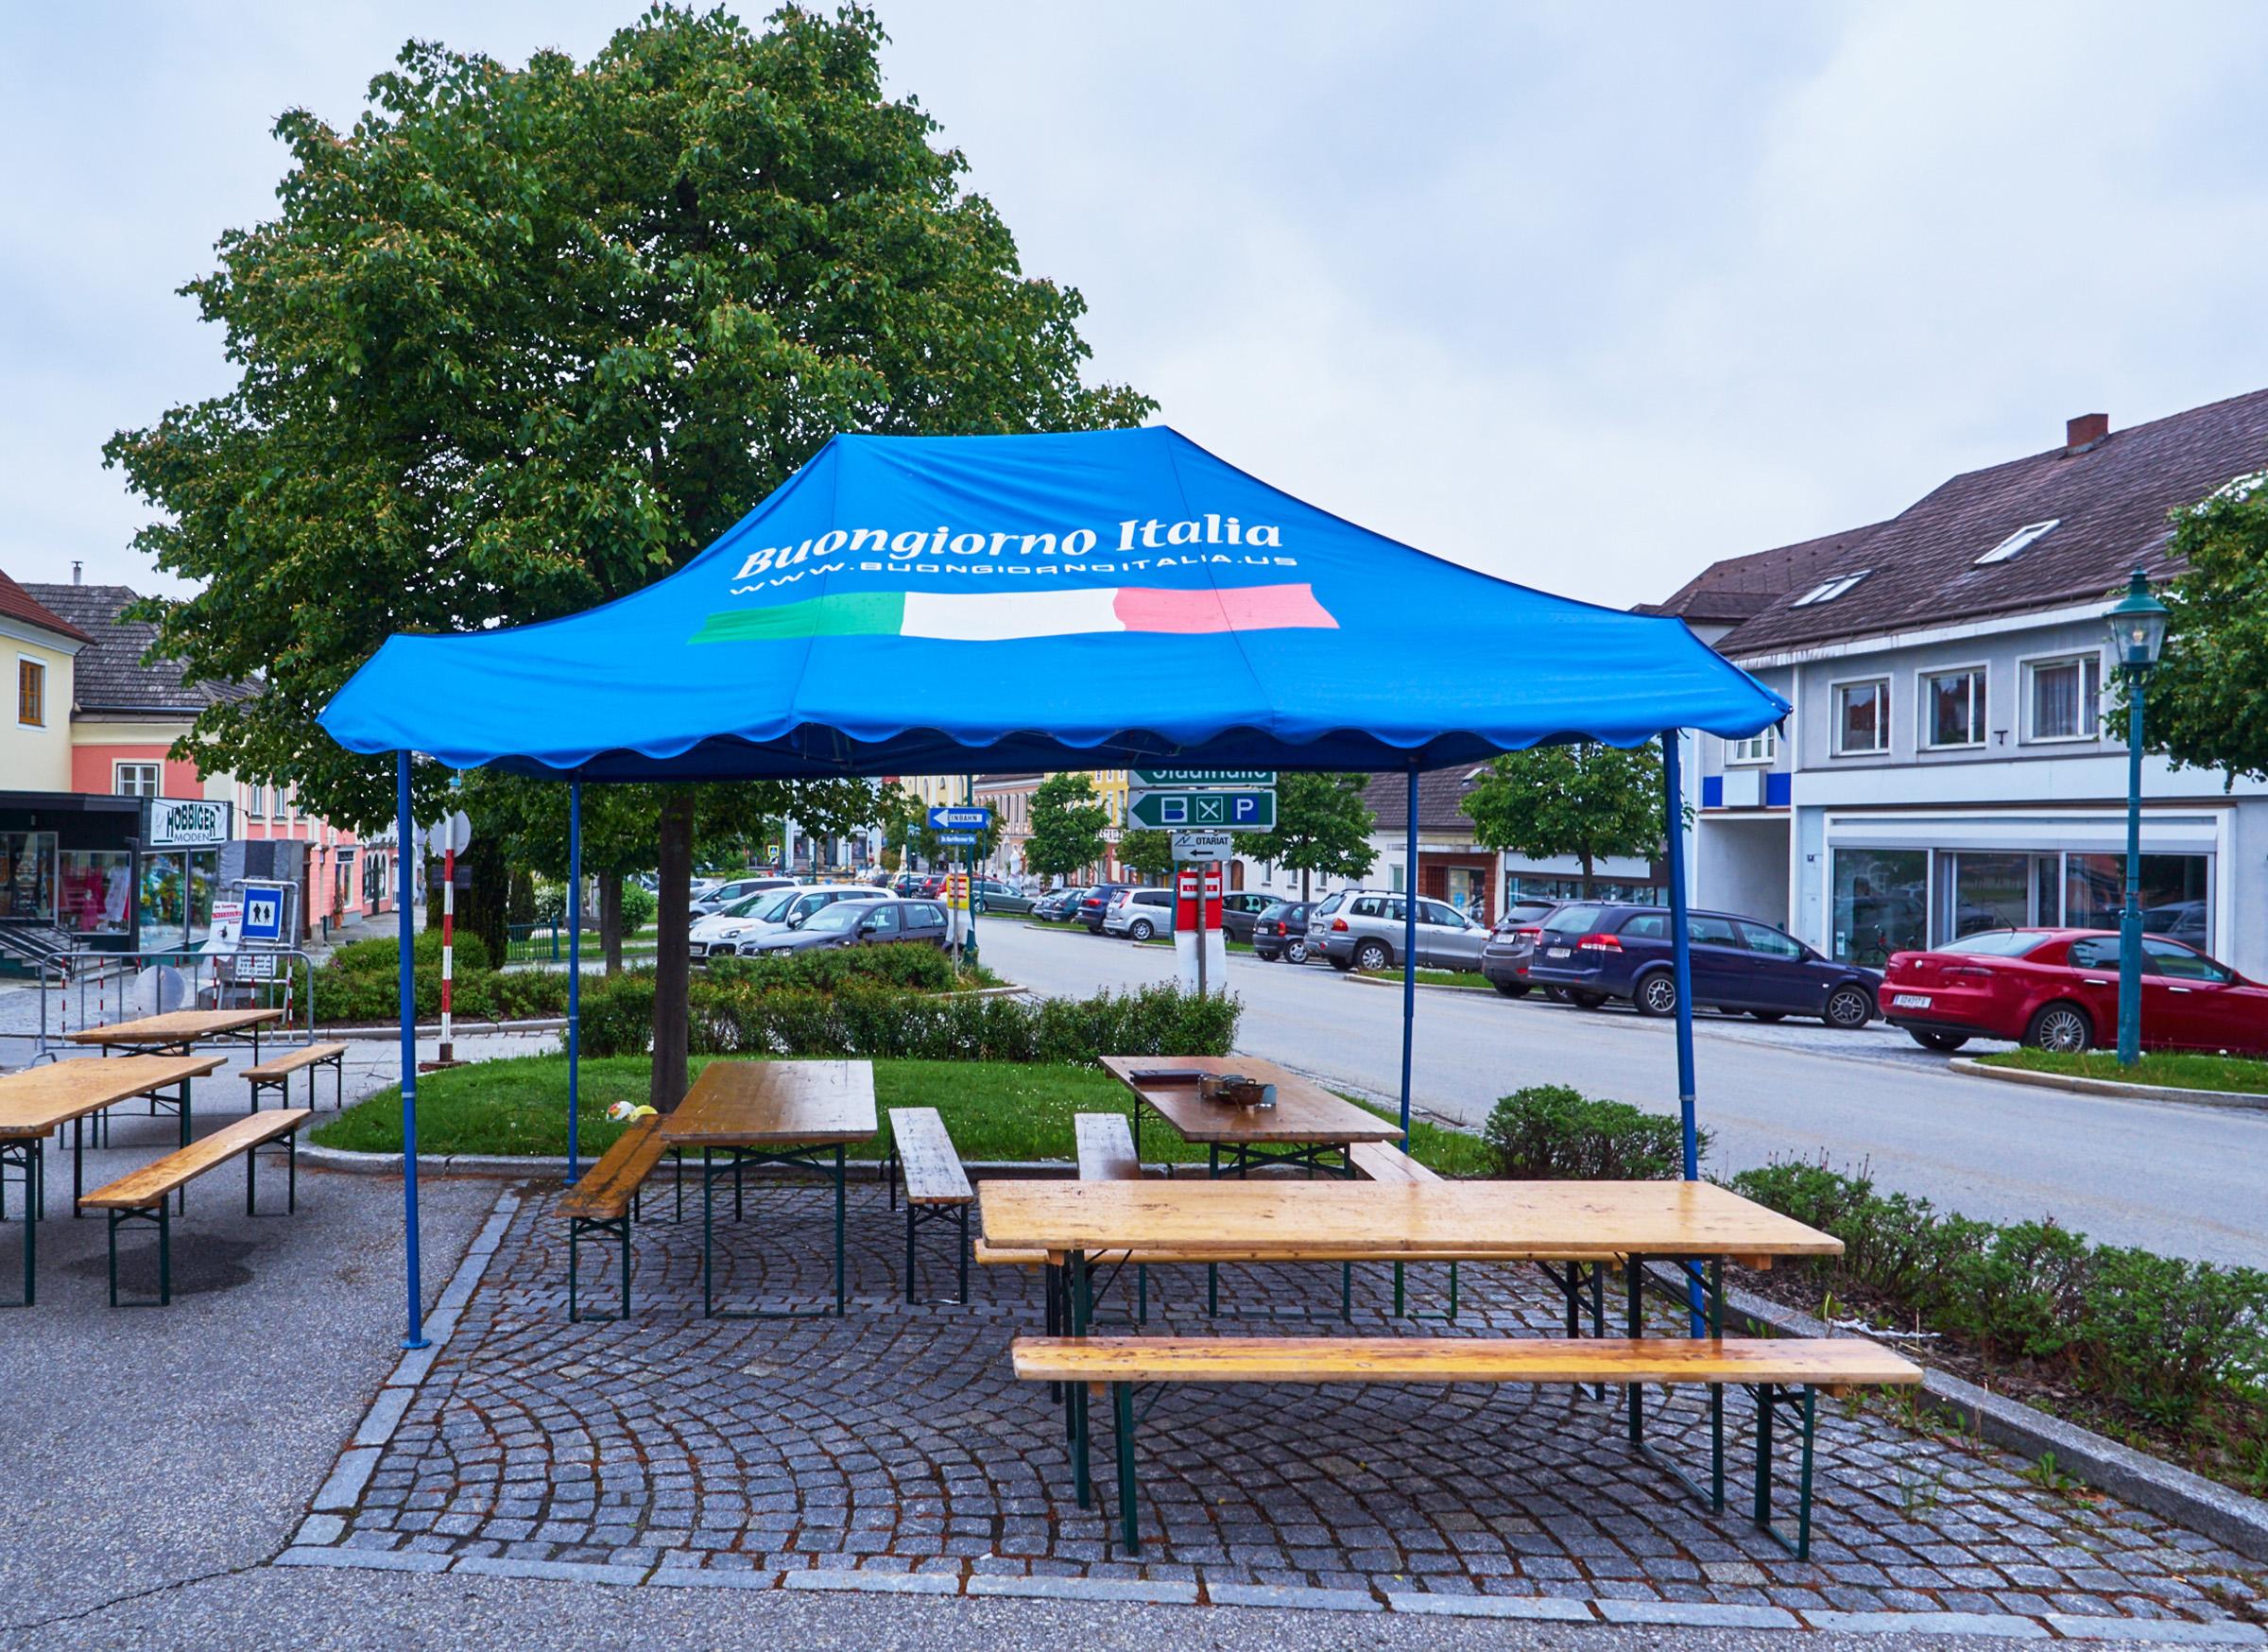 Strassenmarkt Schrems 01.jpg